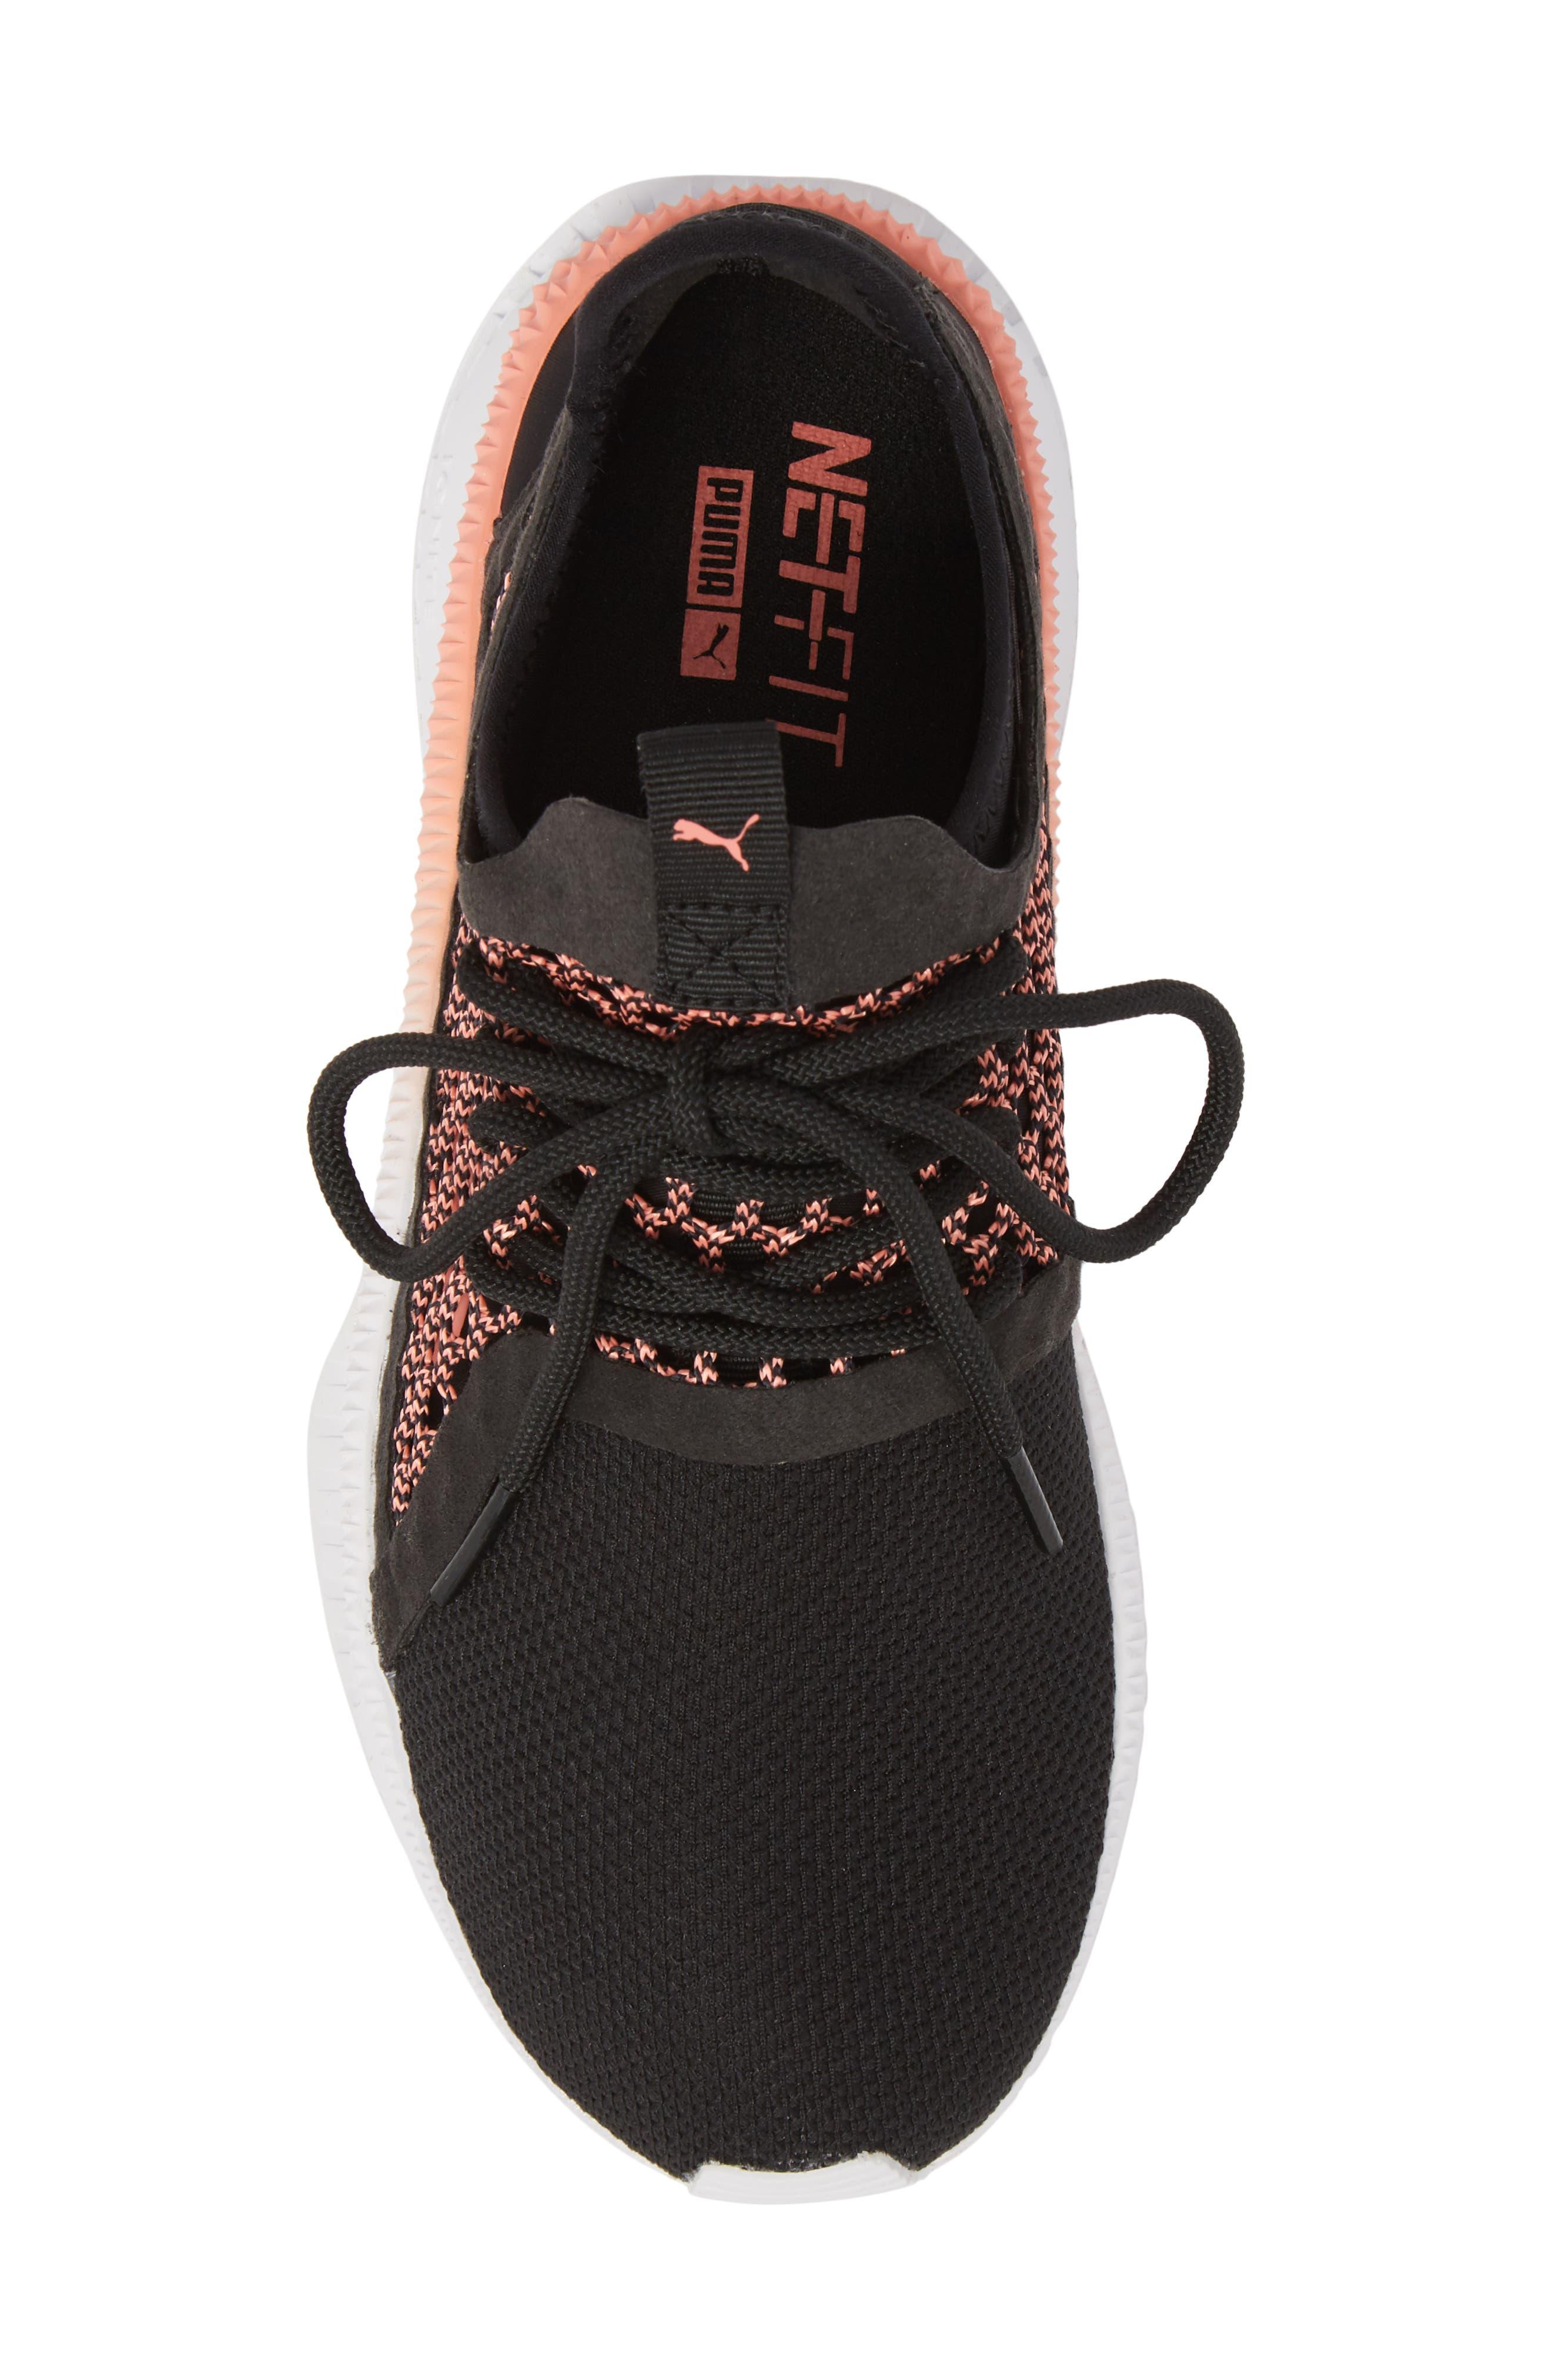 Tsugi Netfit evoKNIT Training Shoe,                             Alternate thumbnail 5, color,                             Black/ Shell Pink/ White